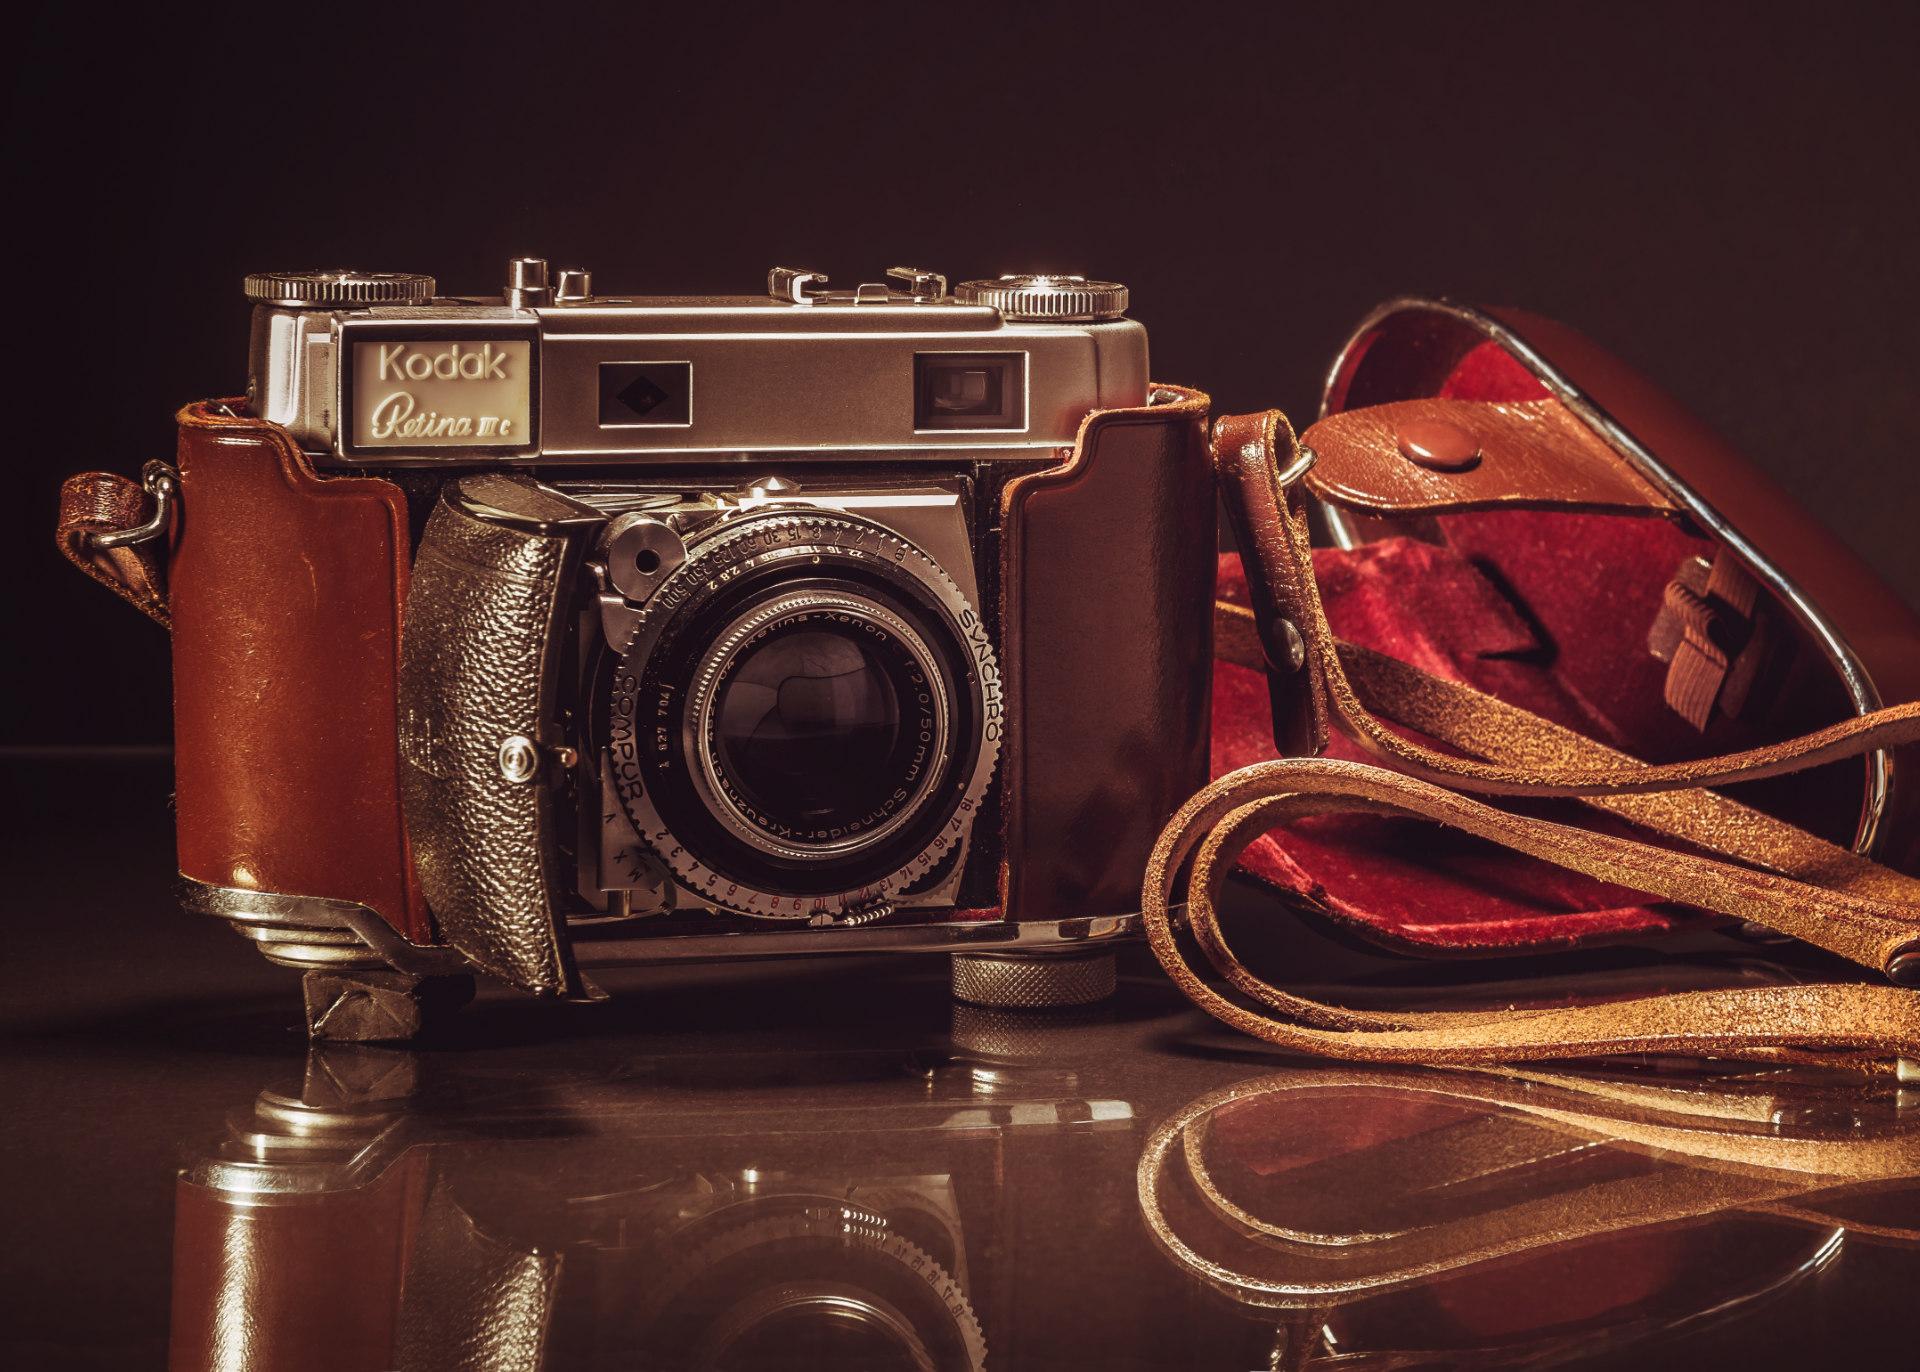 Kodak Retina 3c